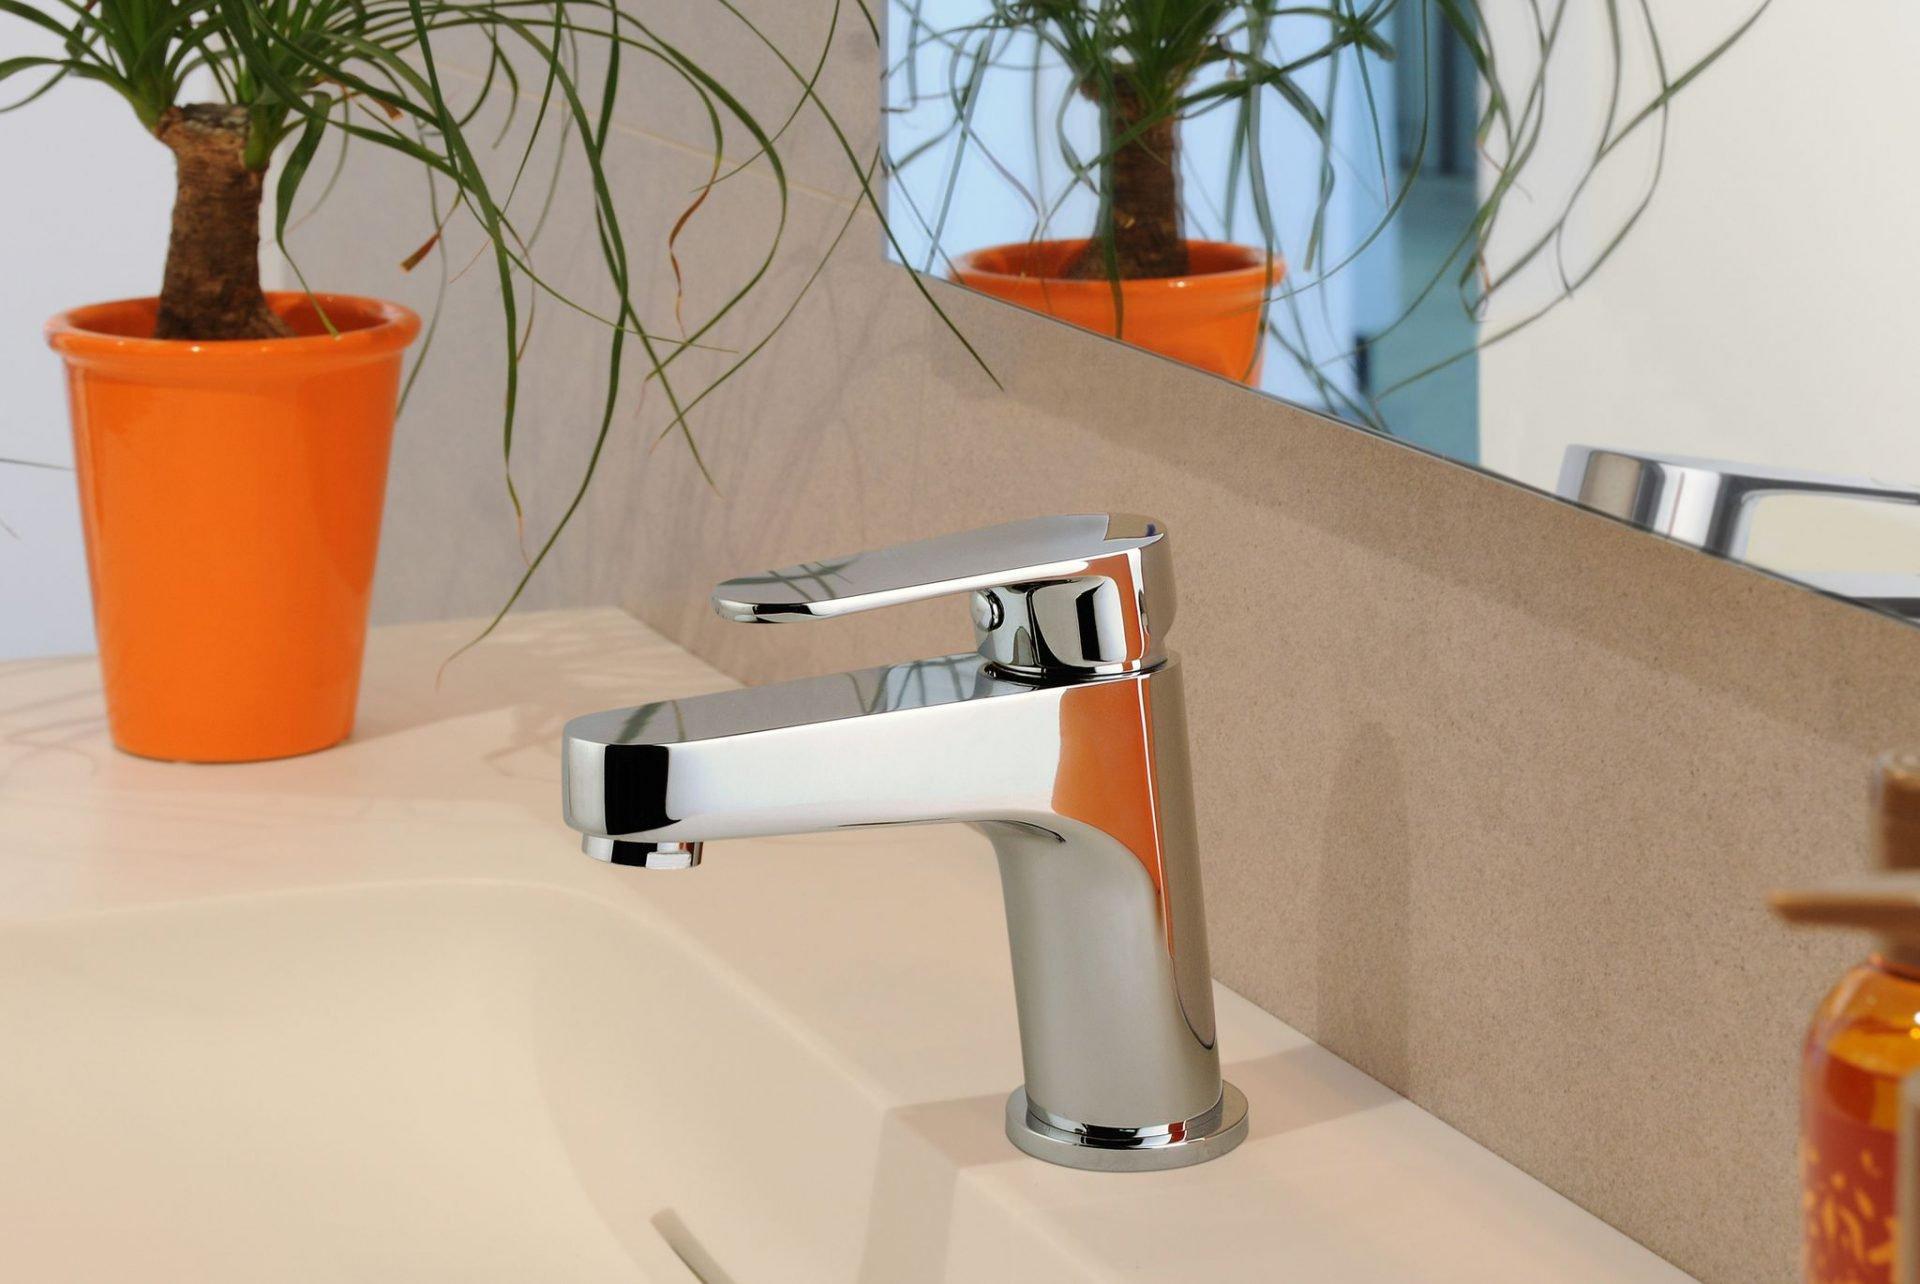 Avanti Basin Mixer - LINSOL tapware